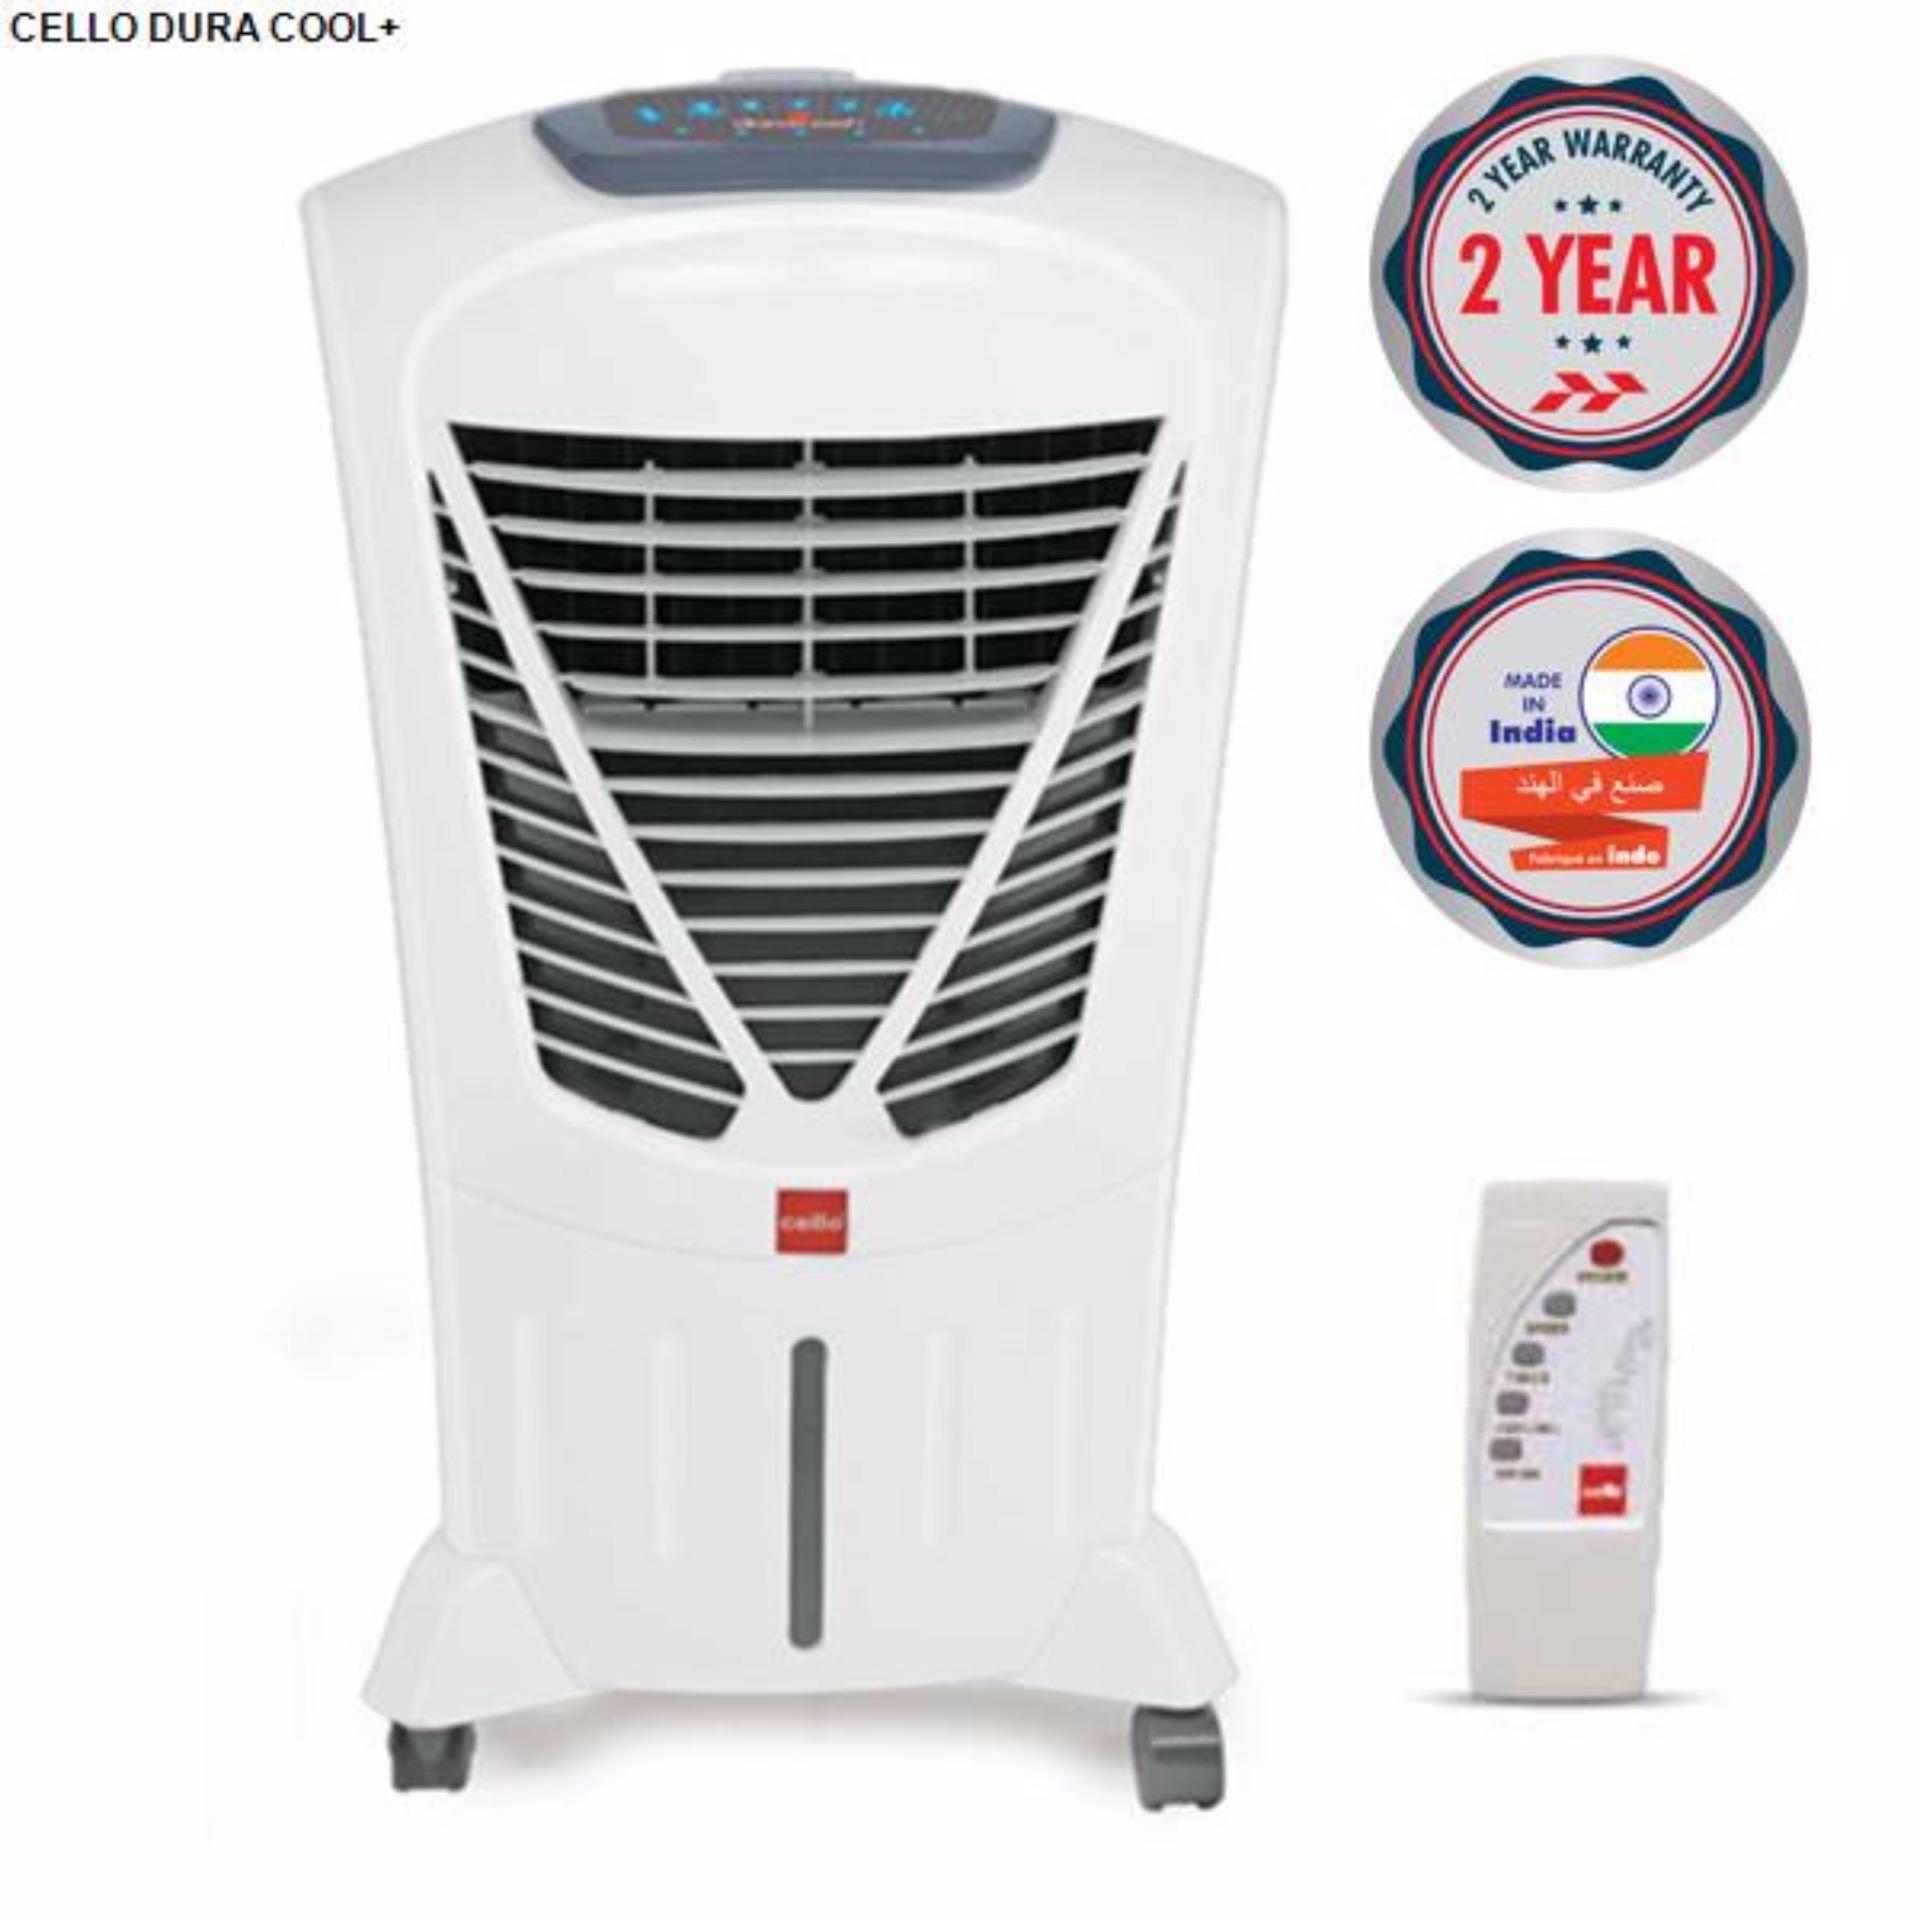 Quạt nước (Máy làm mát không khí) CELLO Dura Cool +